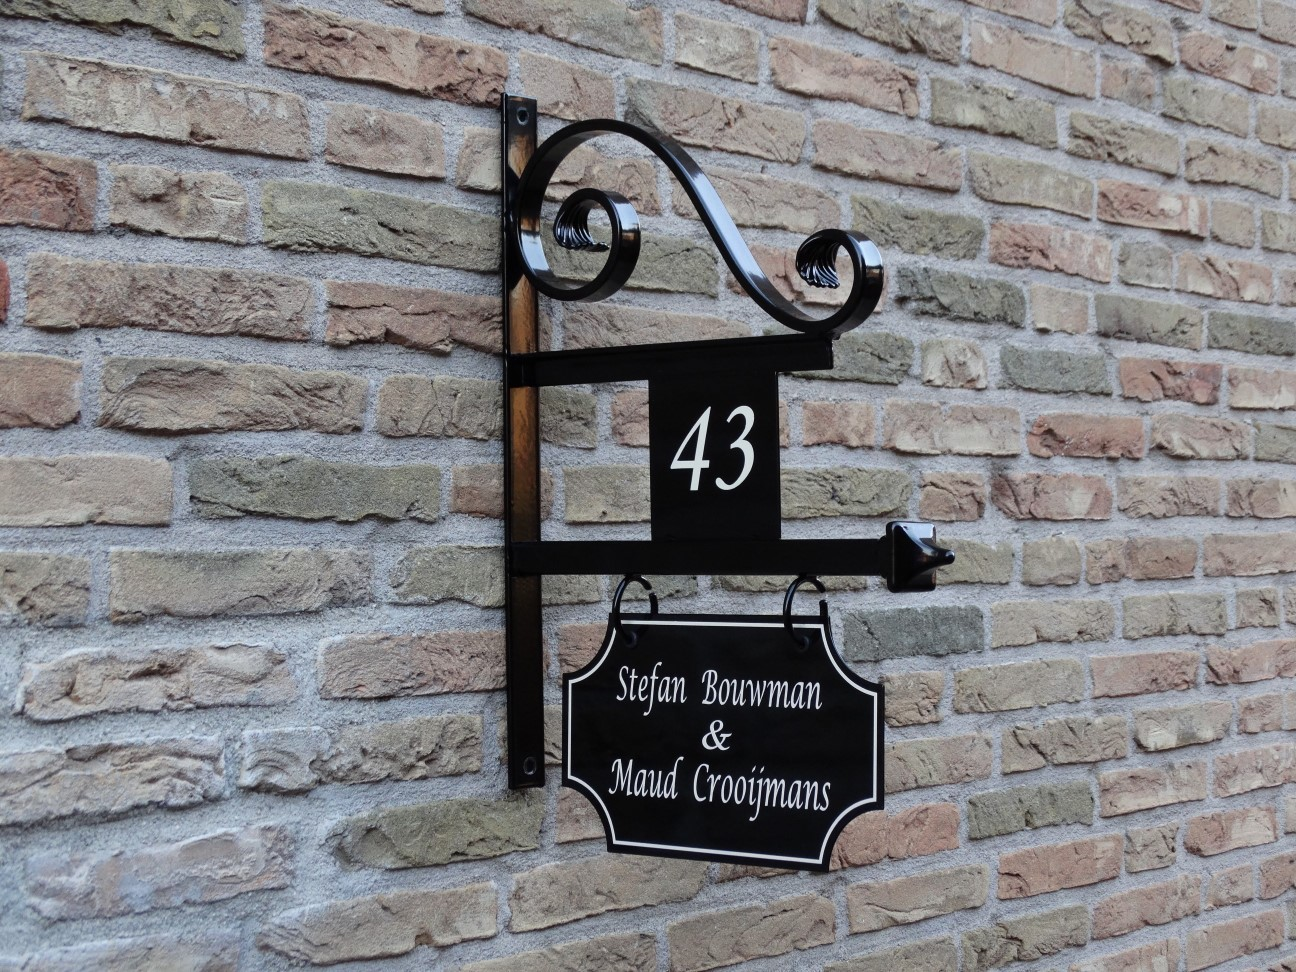 bijzonder mooi uithangbord met krul en huisnummer